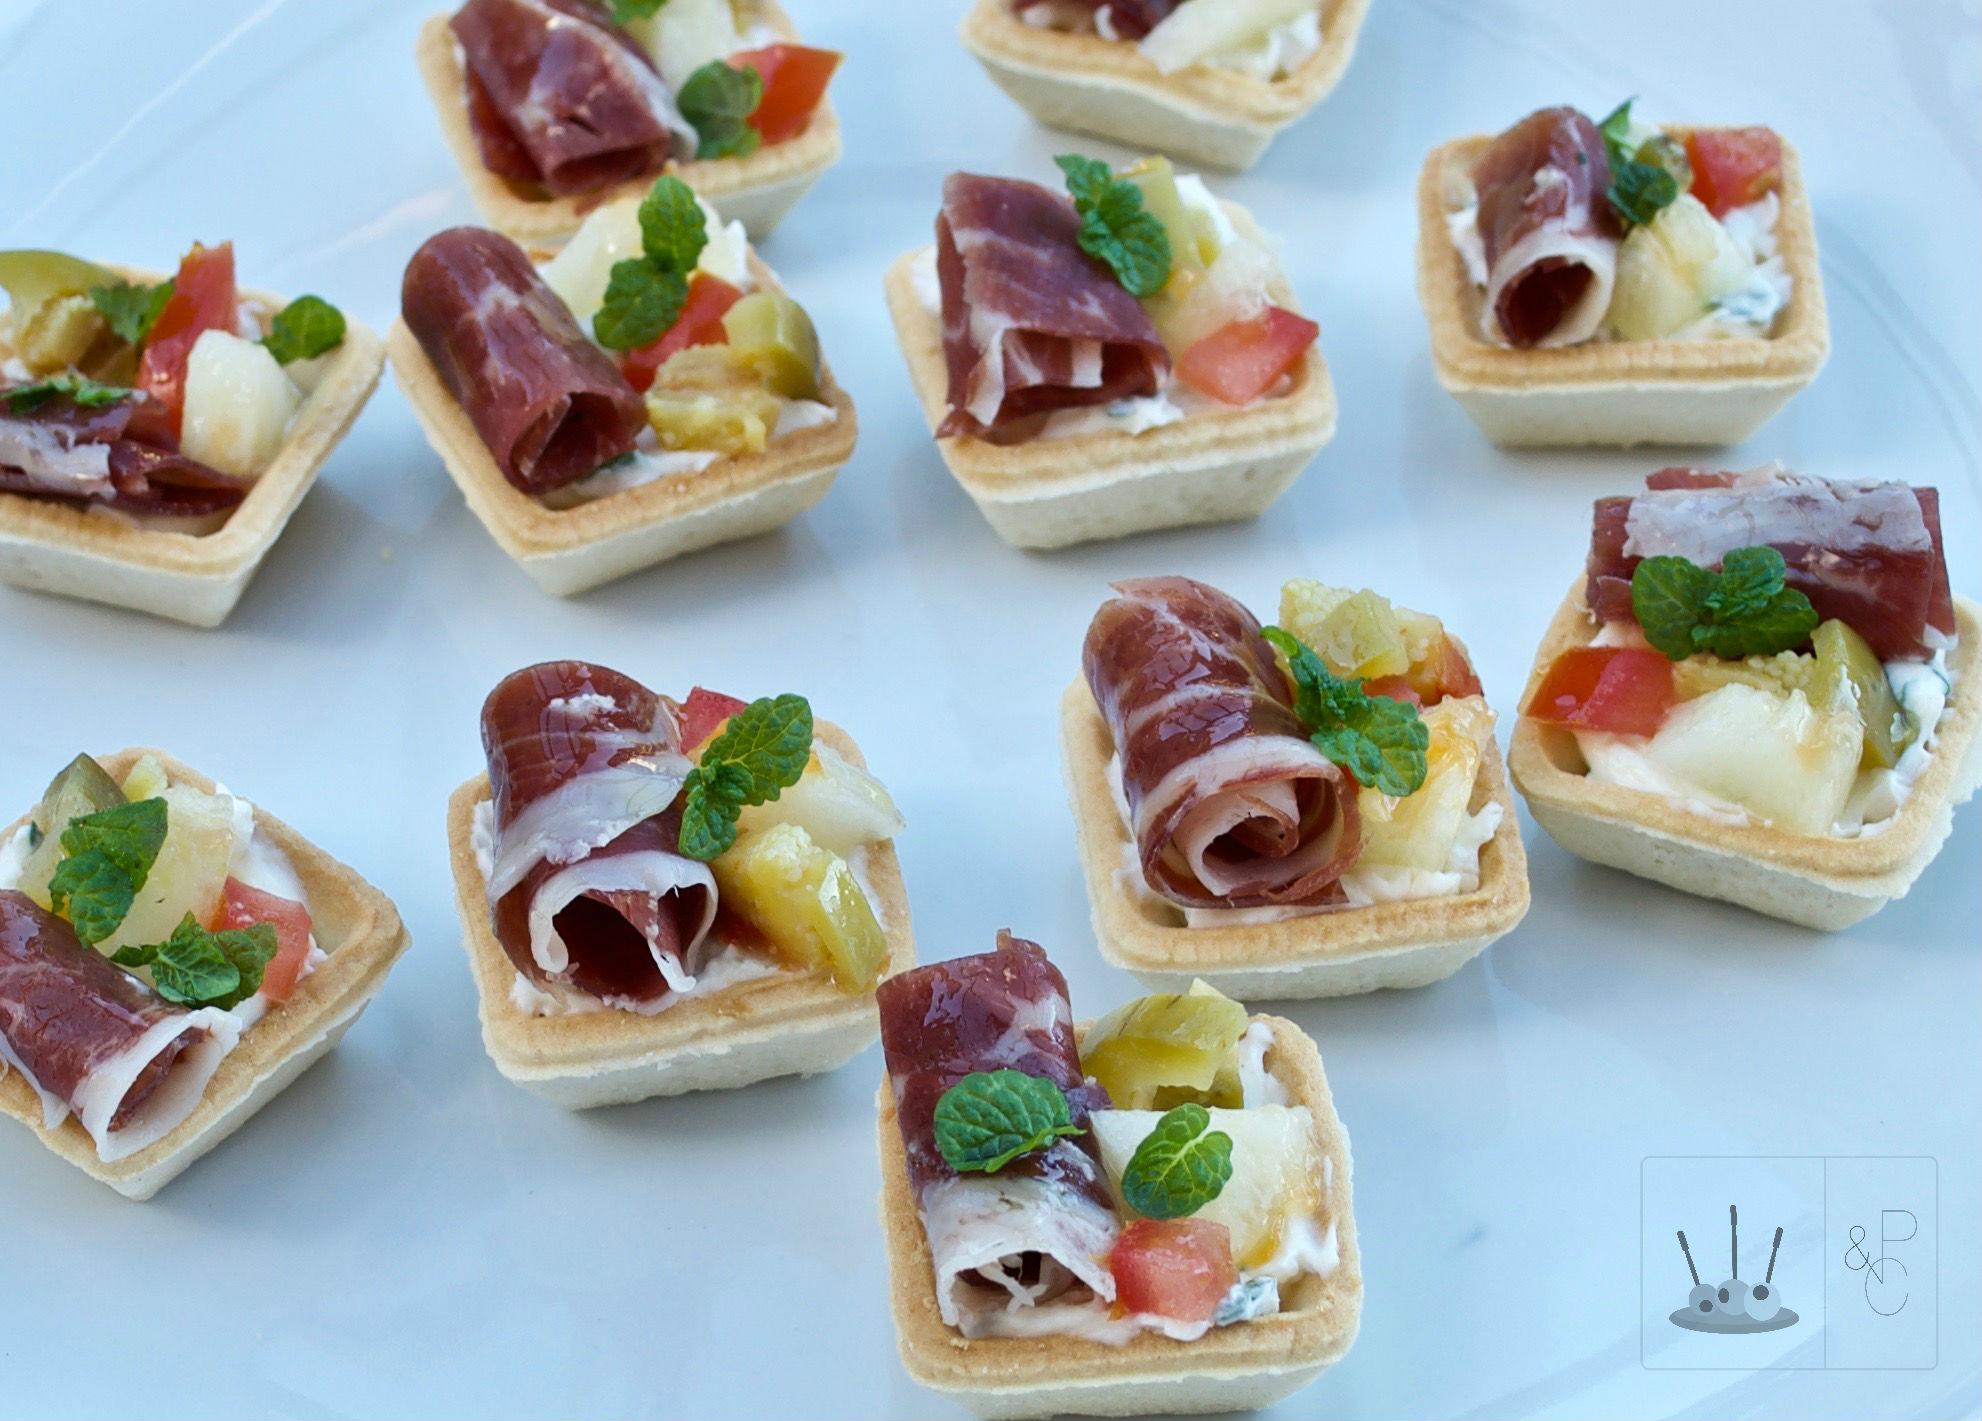 Canap s de jam n ib rico con queso mel n tomate y - Como hacer un canape ...